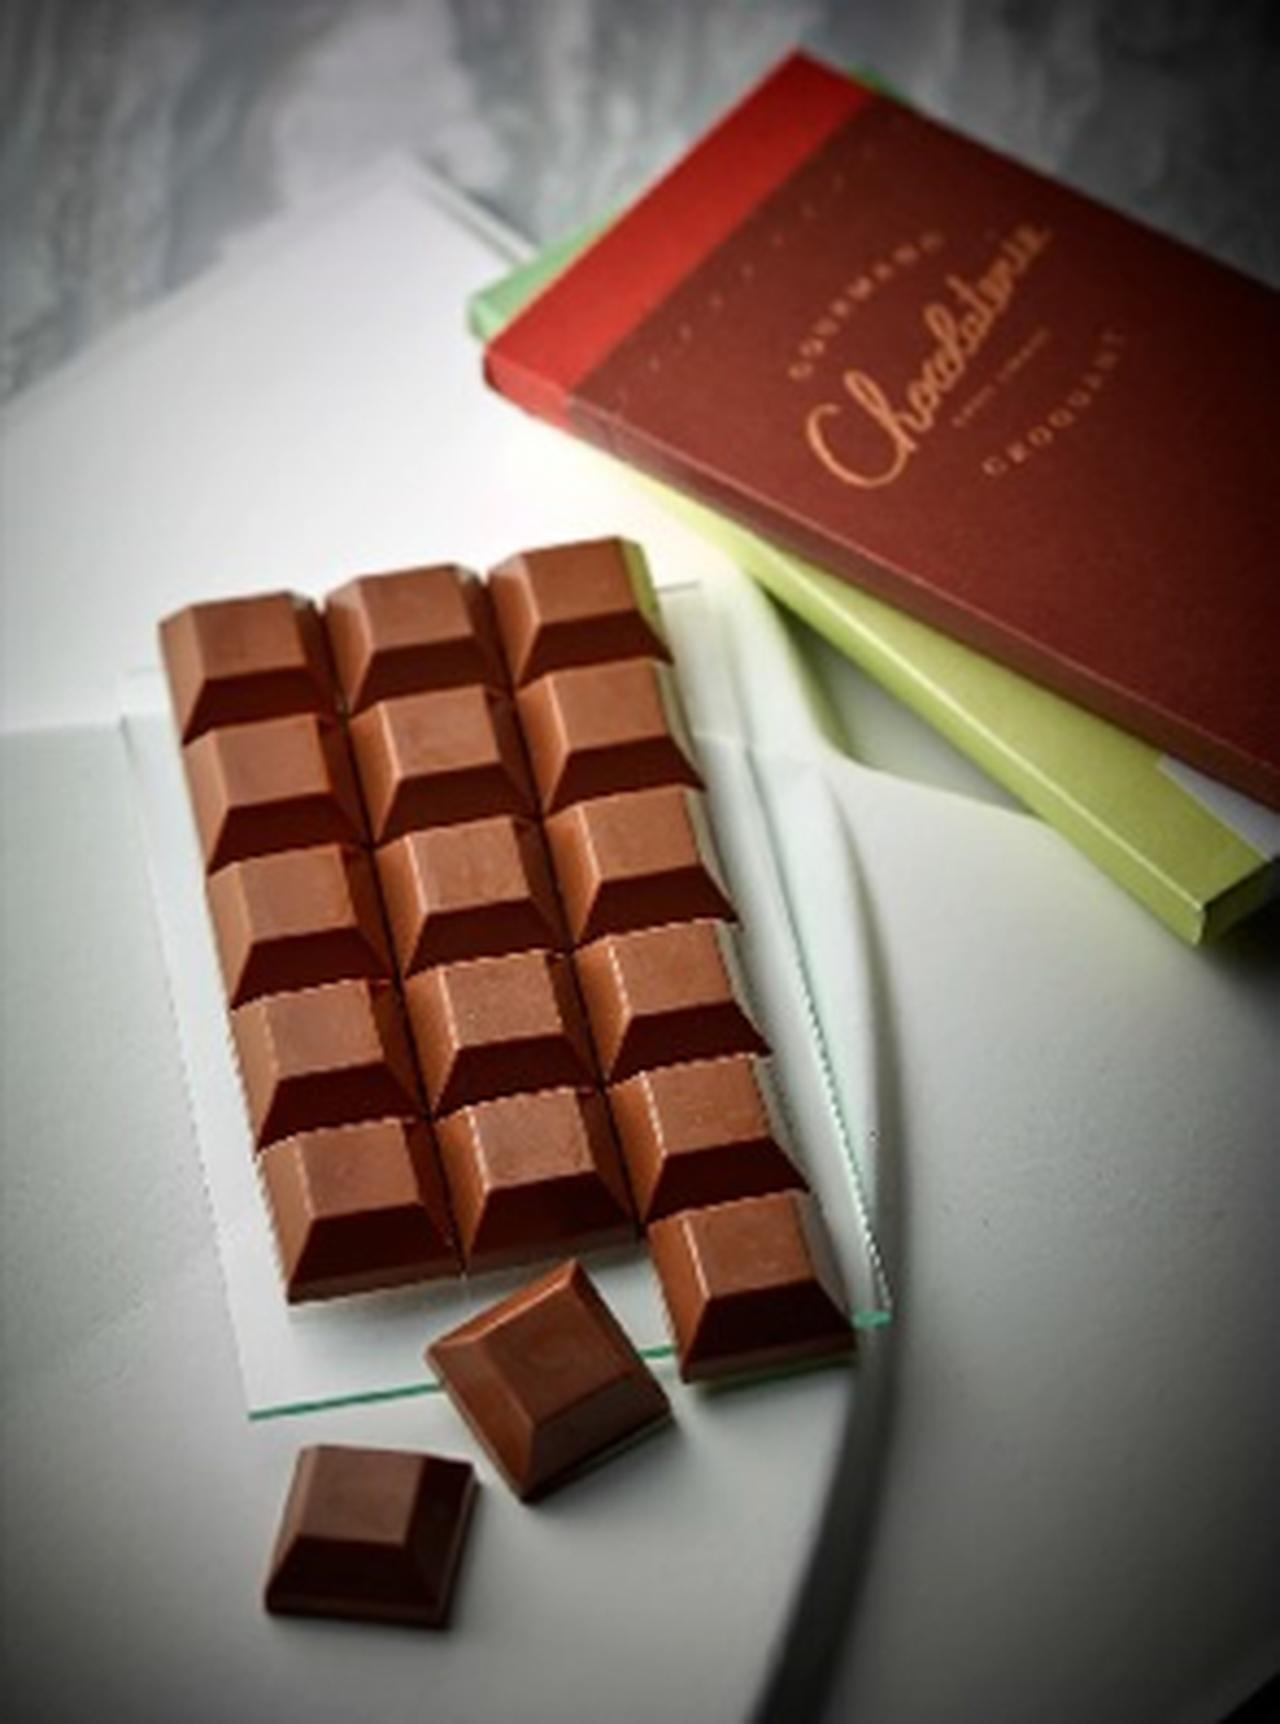 画像: ■ラ・ショコラトリー シリル・リニャック/ミルクのボンボンチョコレート〔18個入〕 3,996円 タブレットのようなパッケージに小粒のボンボンショコラを詰めました。